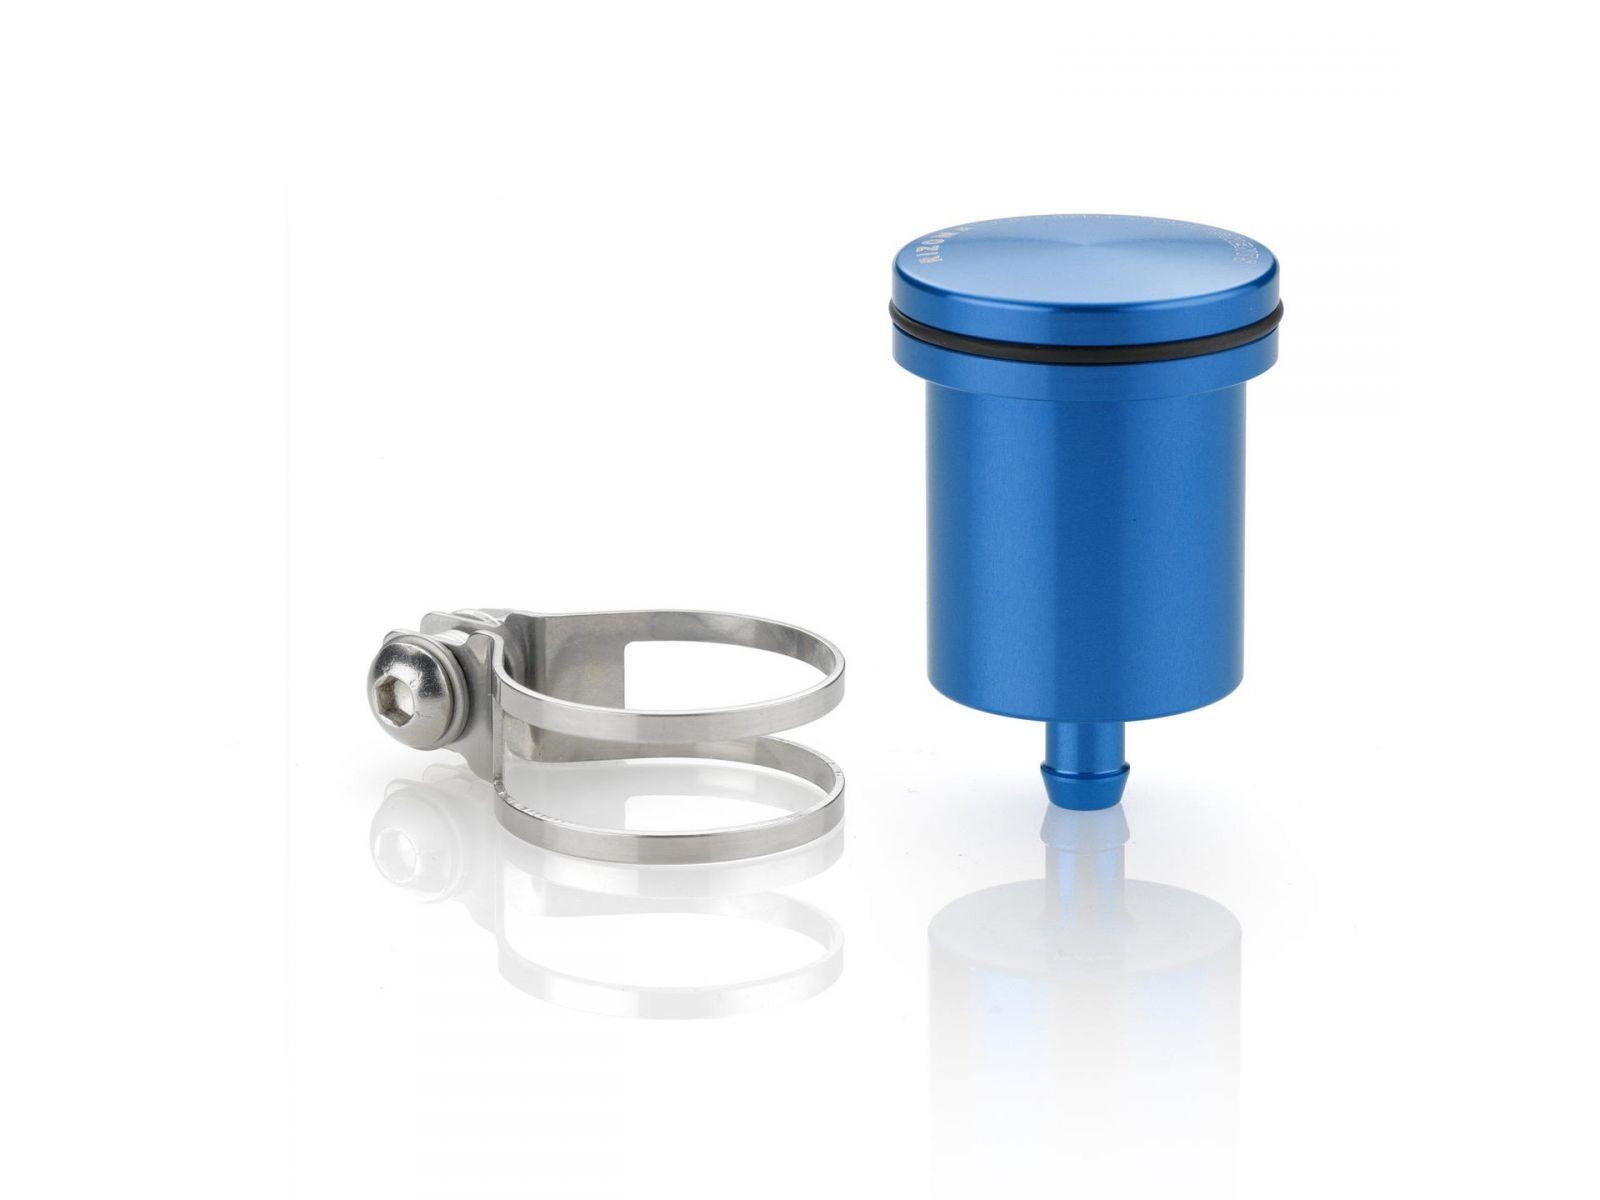 Задний тормозной бачок Rizoma Fluid Tank Blue 12 мл